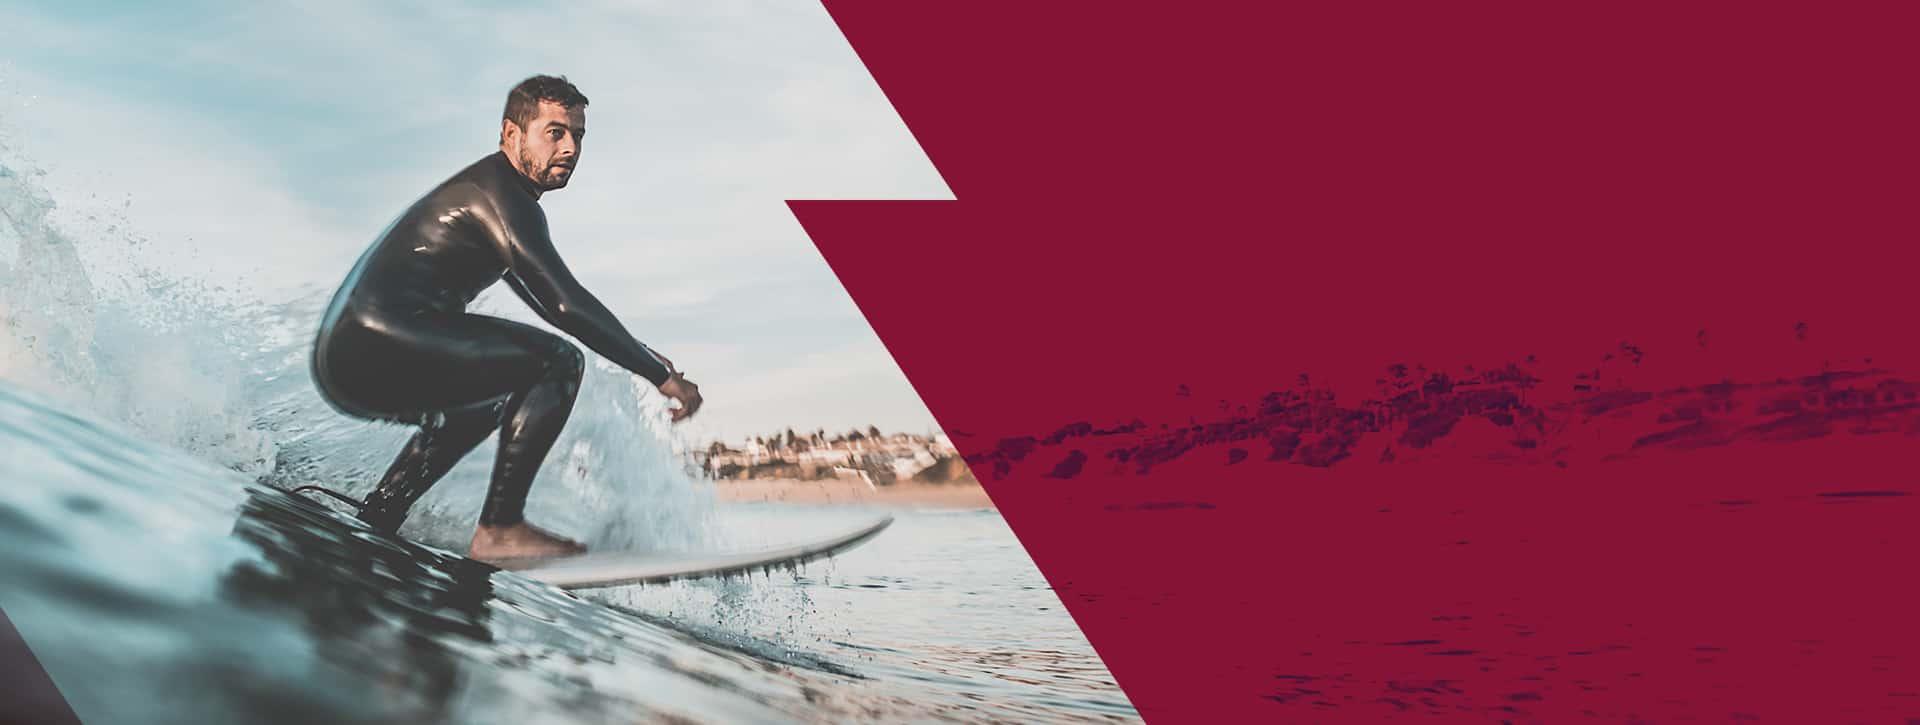 Viaje de verano y suplementación, surf